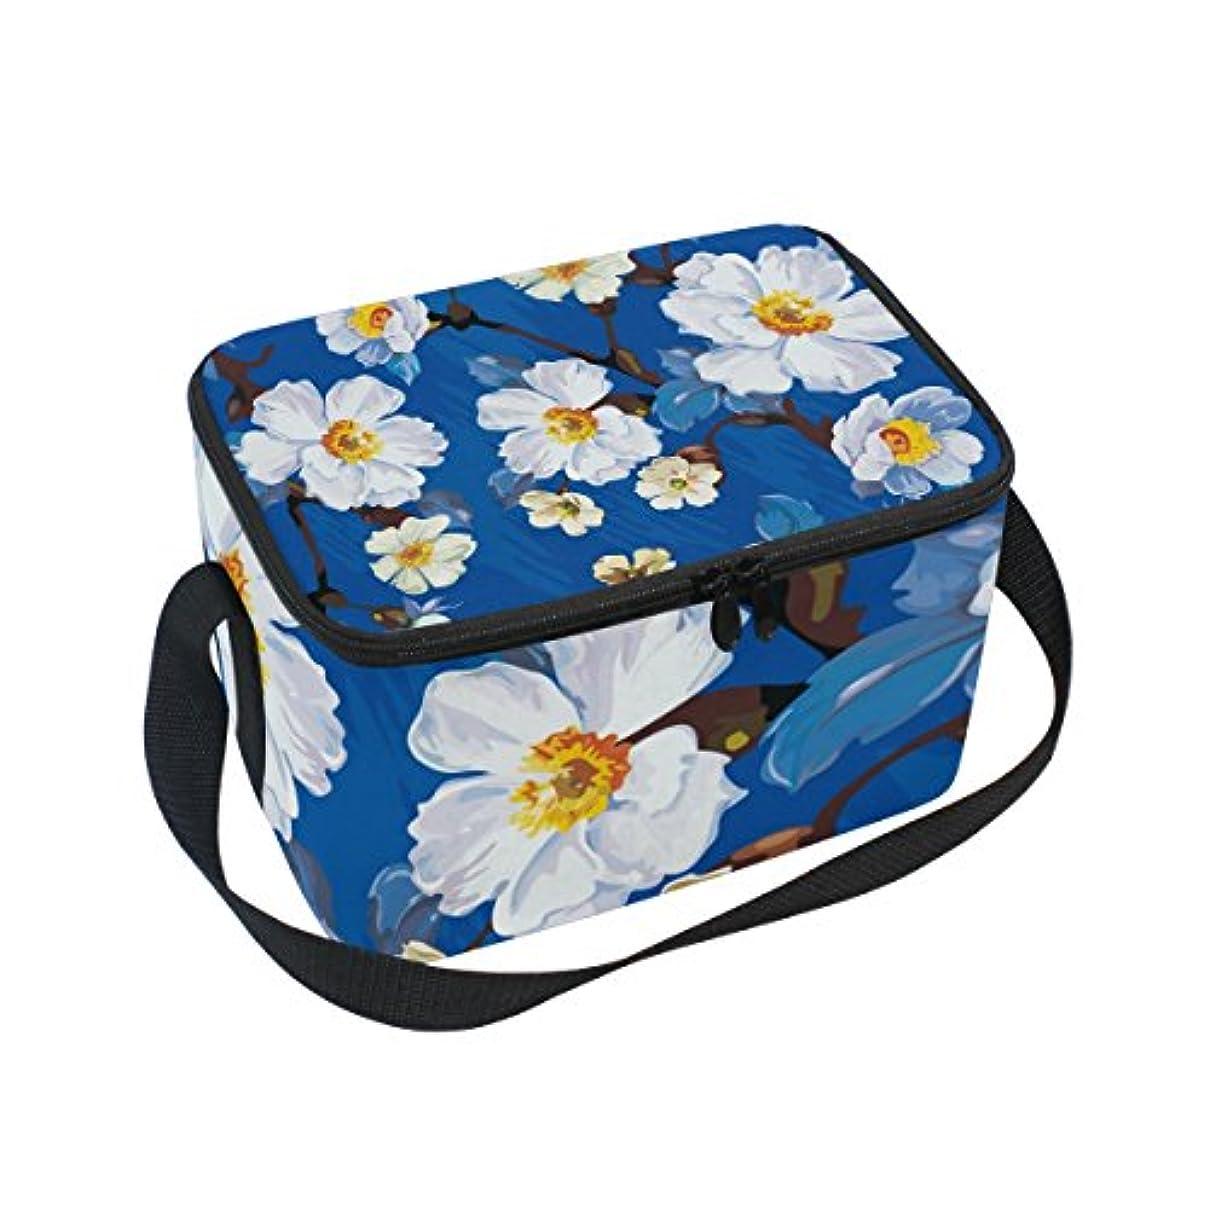 佐賀軍隊災害クーラーバッグ クーラーボックス ソフトクーラ 冷蔵ボックス キャンプ用品 油絵 白い花 美しい 保冷保温 大容量 肩掛け お花見 アウトドア